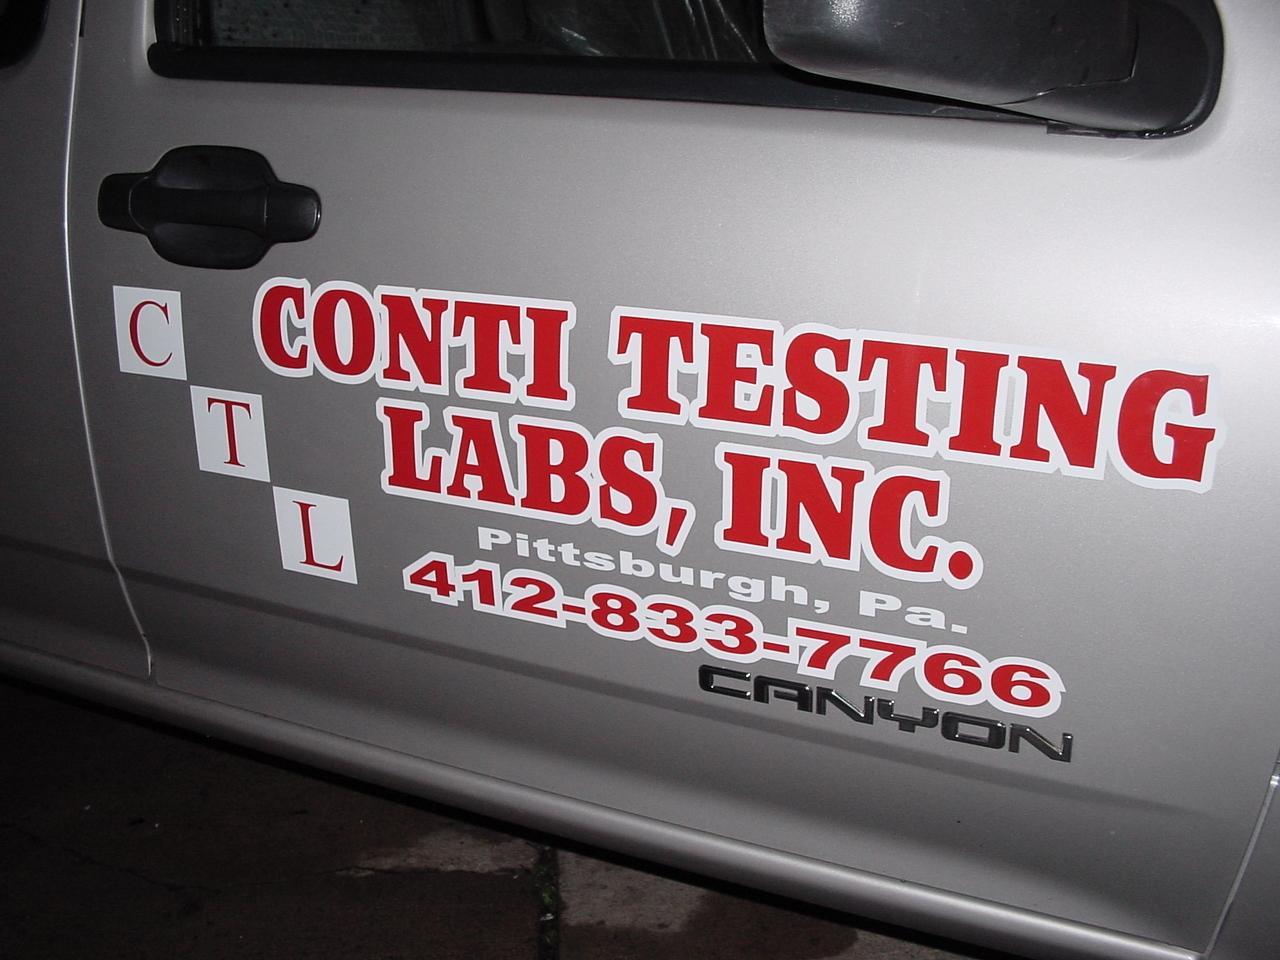 CONTI TESTING